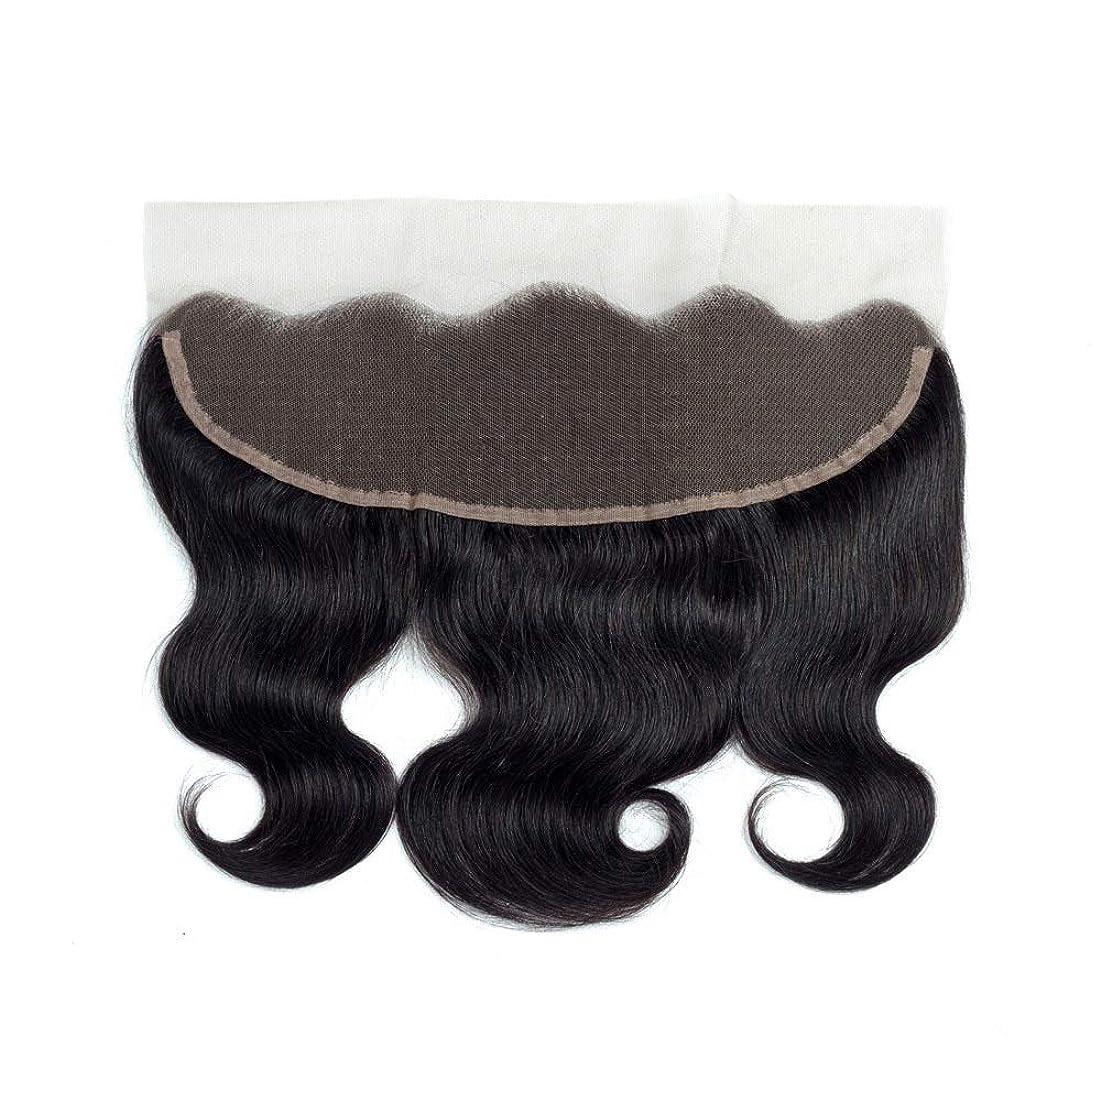 ゼリーミリメートル誘惑Yrattary ブラジル髪の閉鎖13 * 4レース前頭波人間の髪の毛の自然な黒い色女性合成かつらレースかつらロールプレイングかつら (色 : 黒, サイズ : 18 inch)